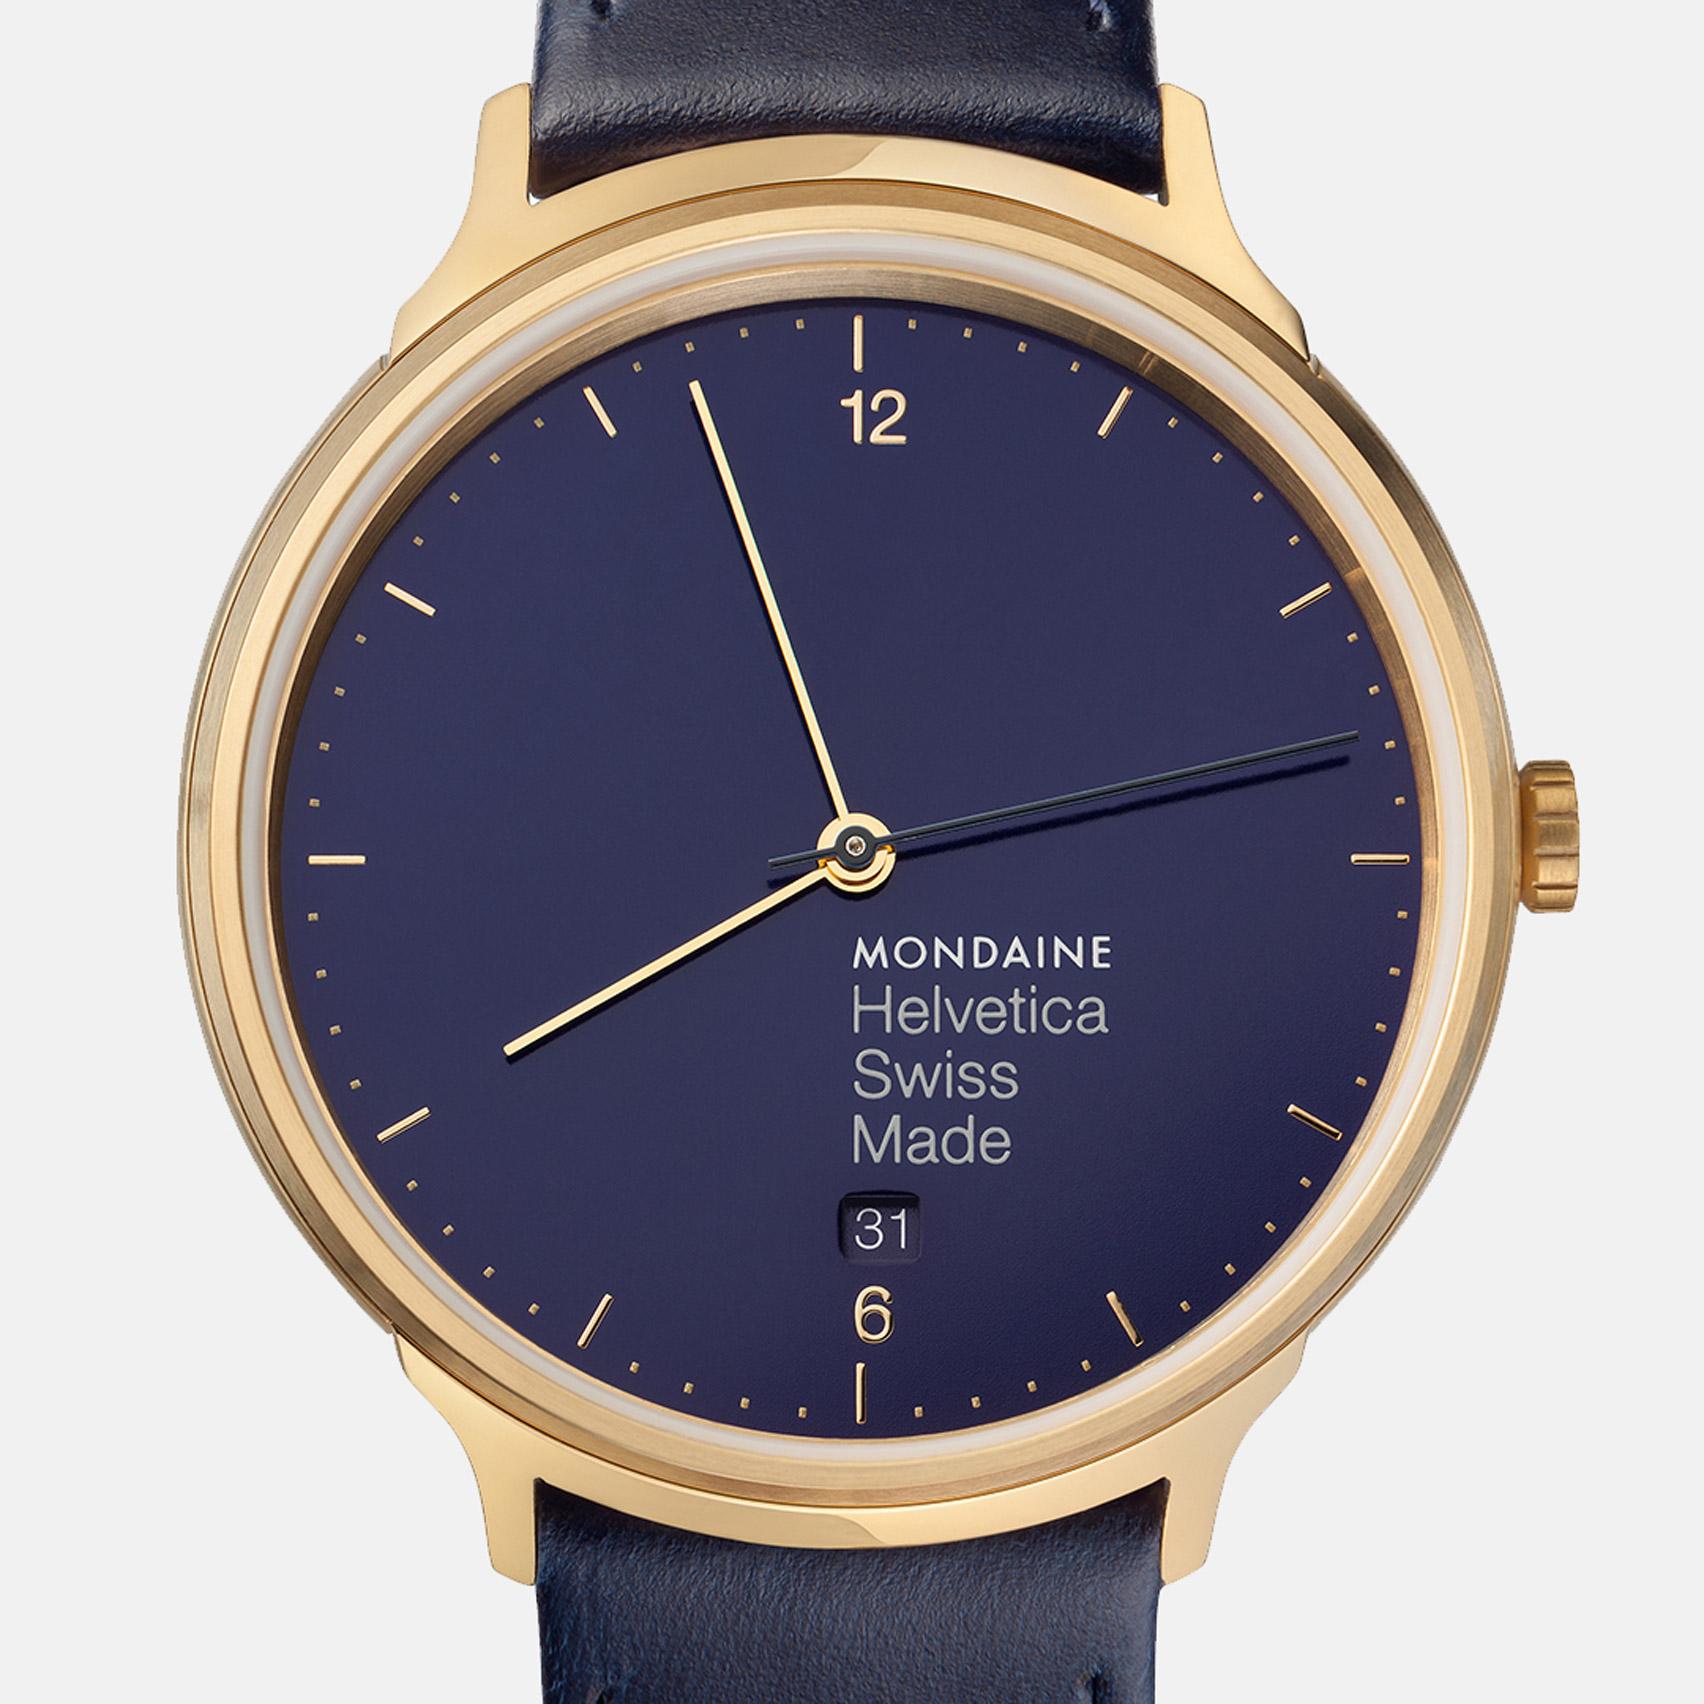 mondaine-skagen-ziiiro-dezeen-watch-store-end-of-season-sale_dezeen_1704_col_2